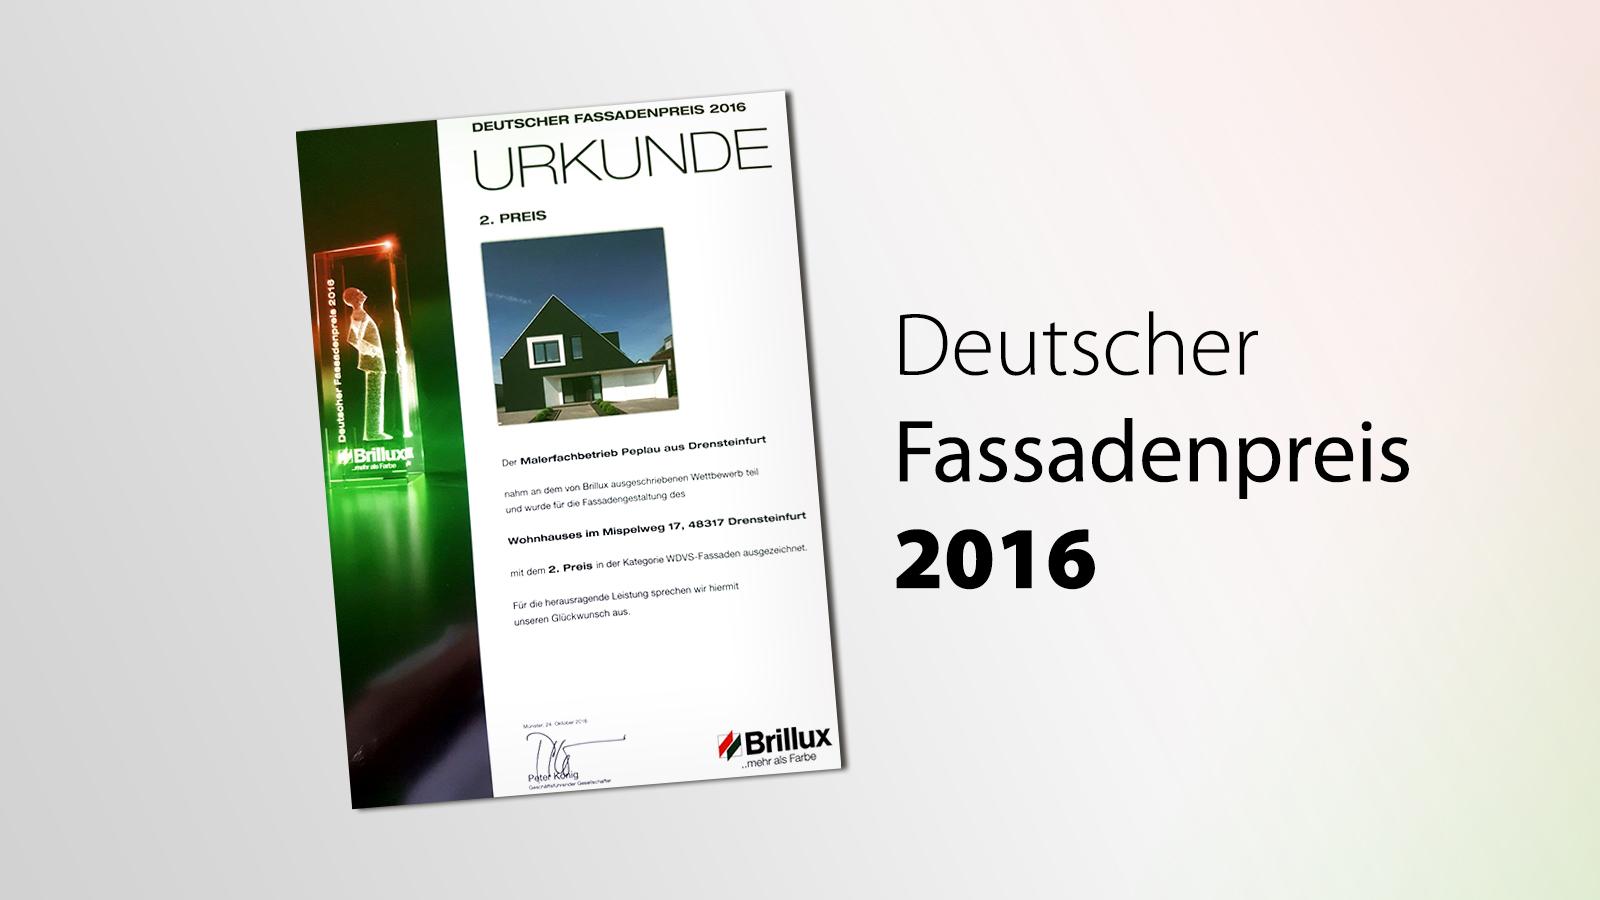 deutscher_fassadenpreis_2016